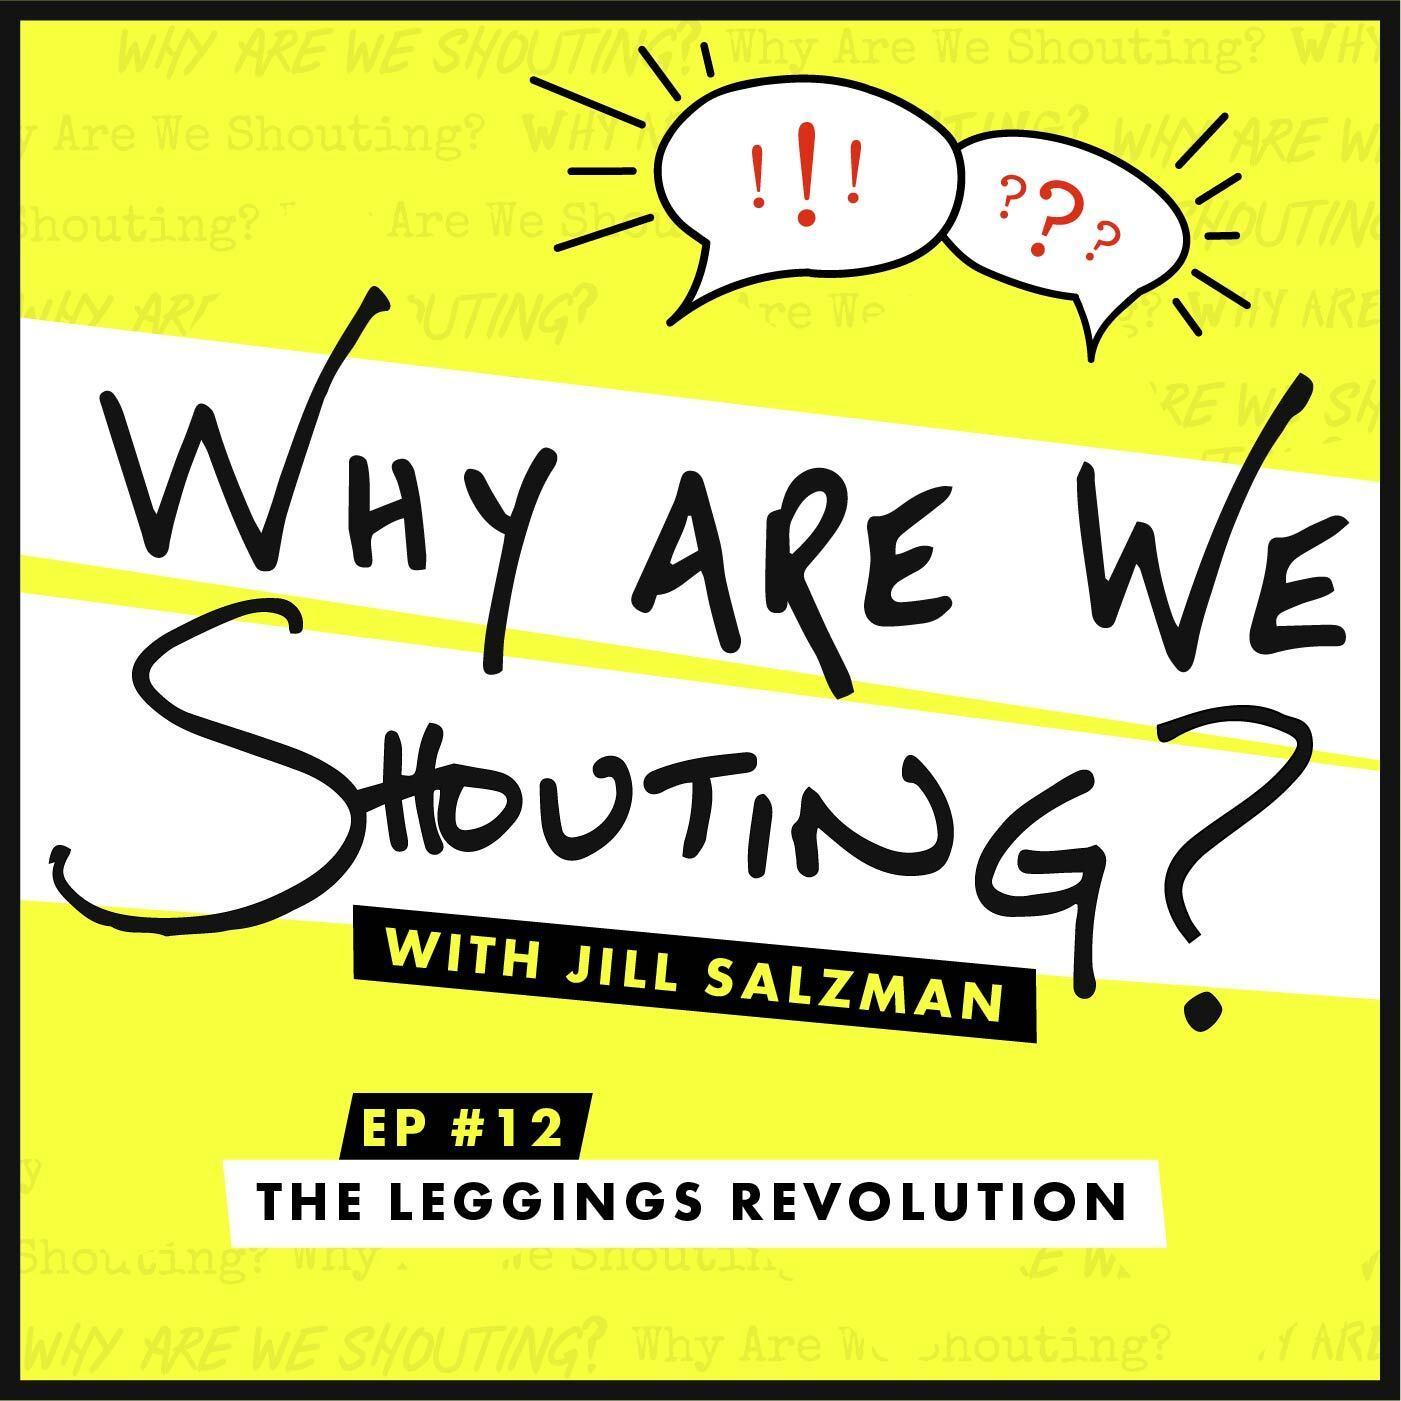 The Leggings Revolution